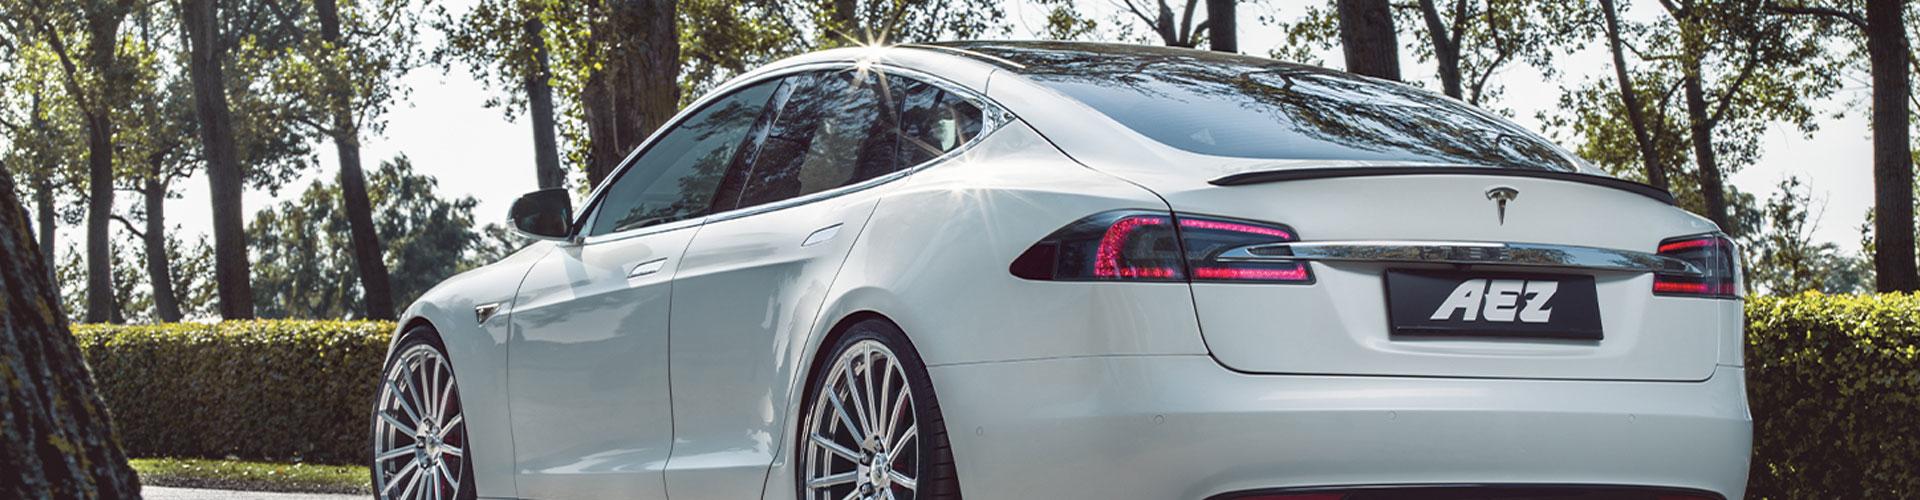 Car detailing & coatings